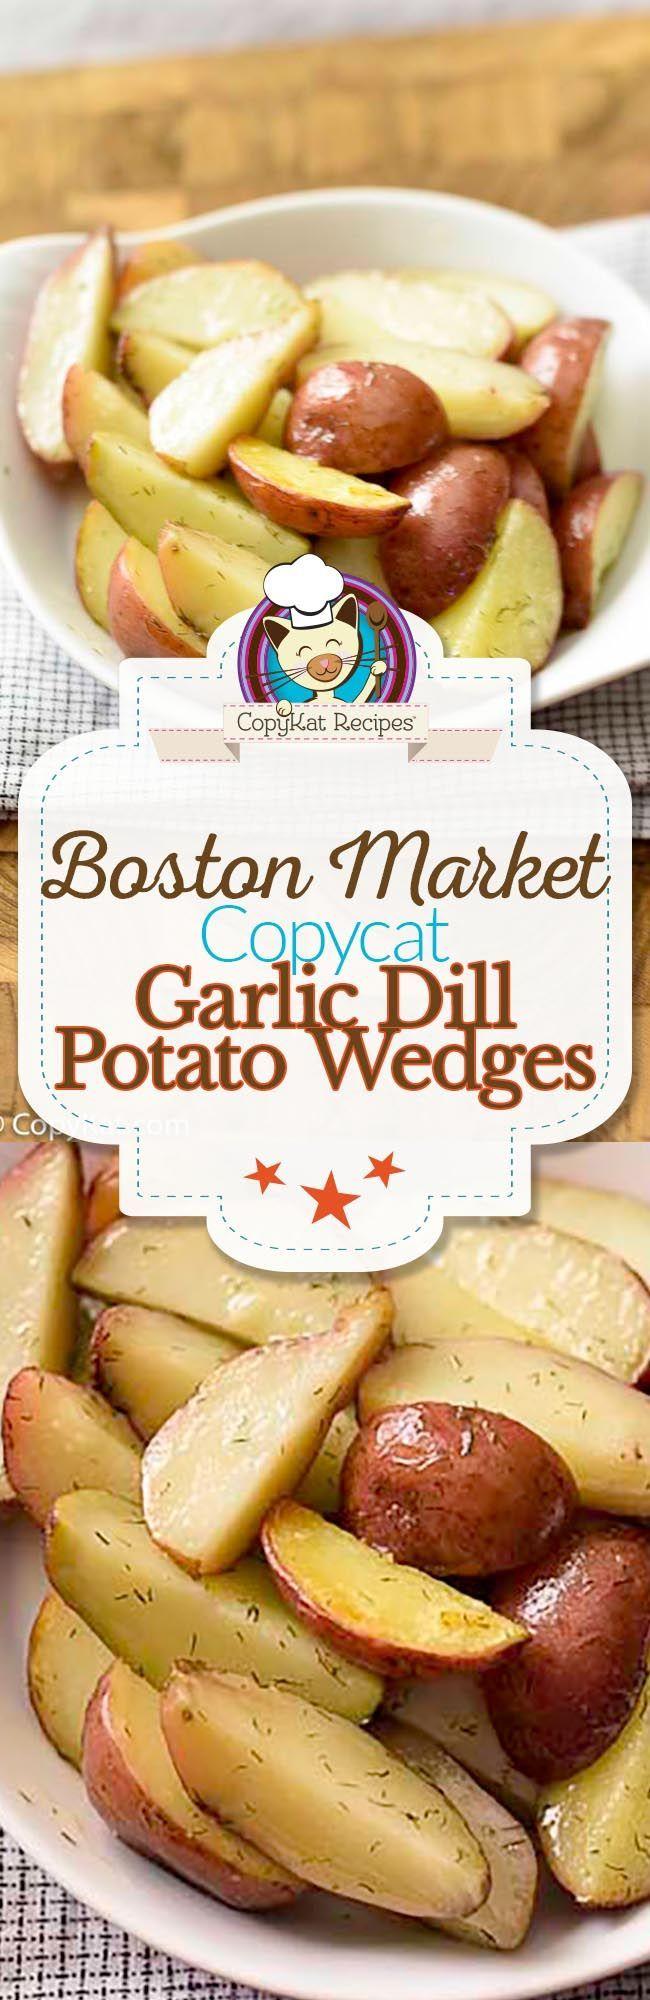 Best 25+ Boston market ideas on Pinterest | Cracker barrel recipes ...